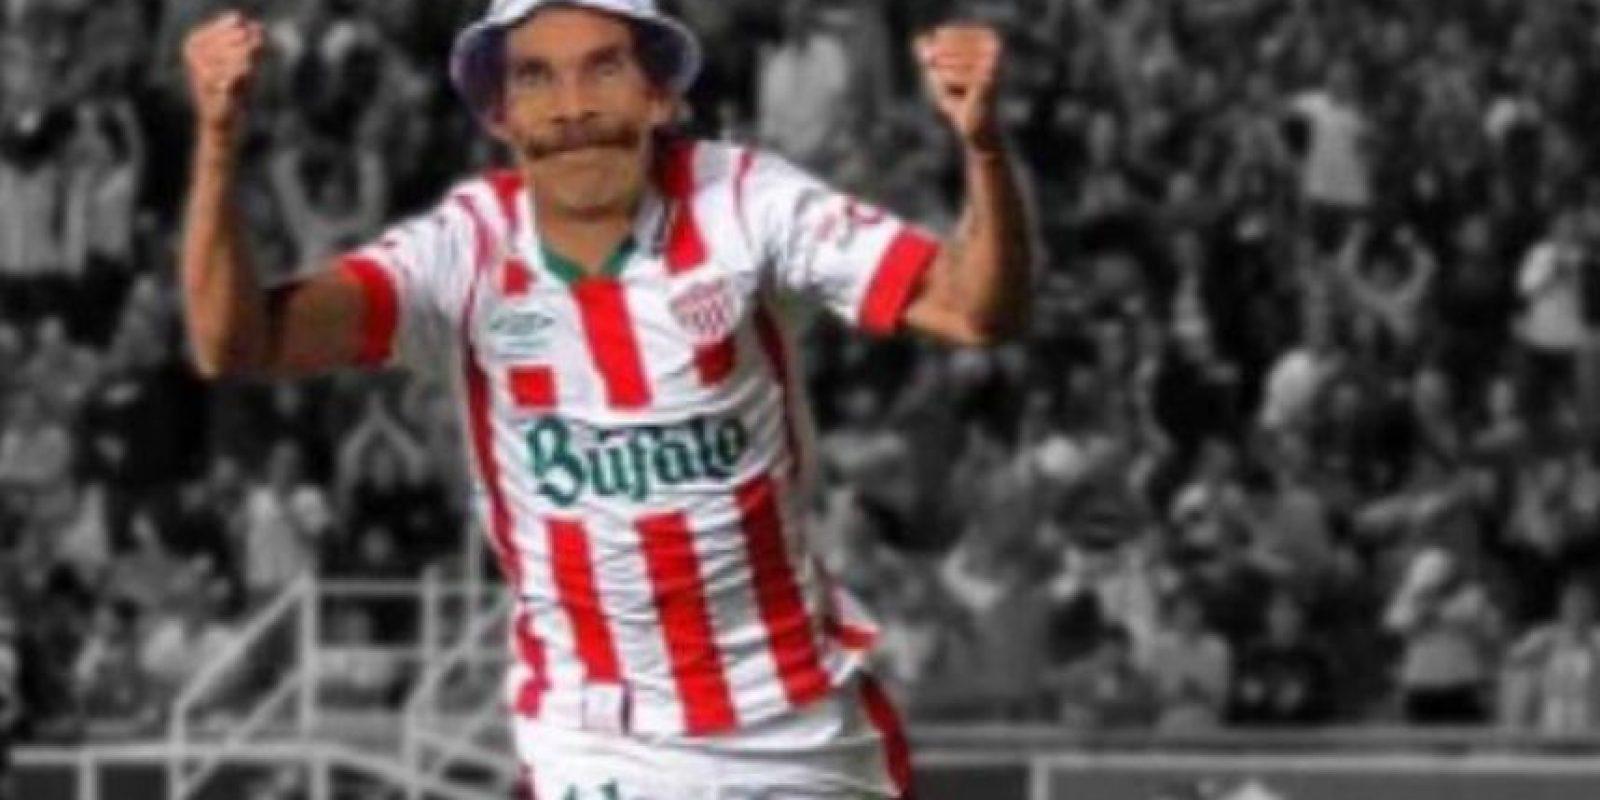 Los memes con Don Ramón celebrando abundan en las redes sociales. Foto:Facebook